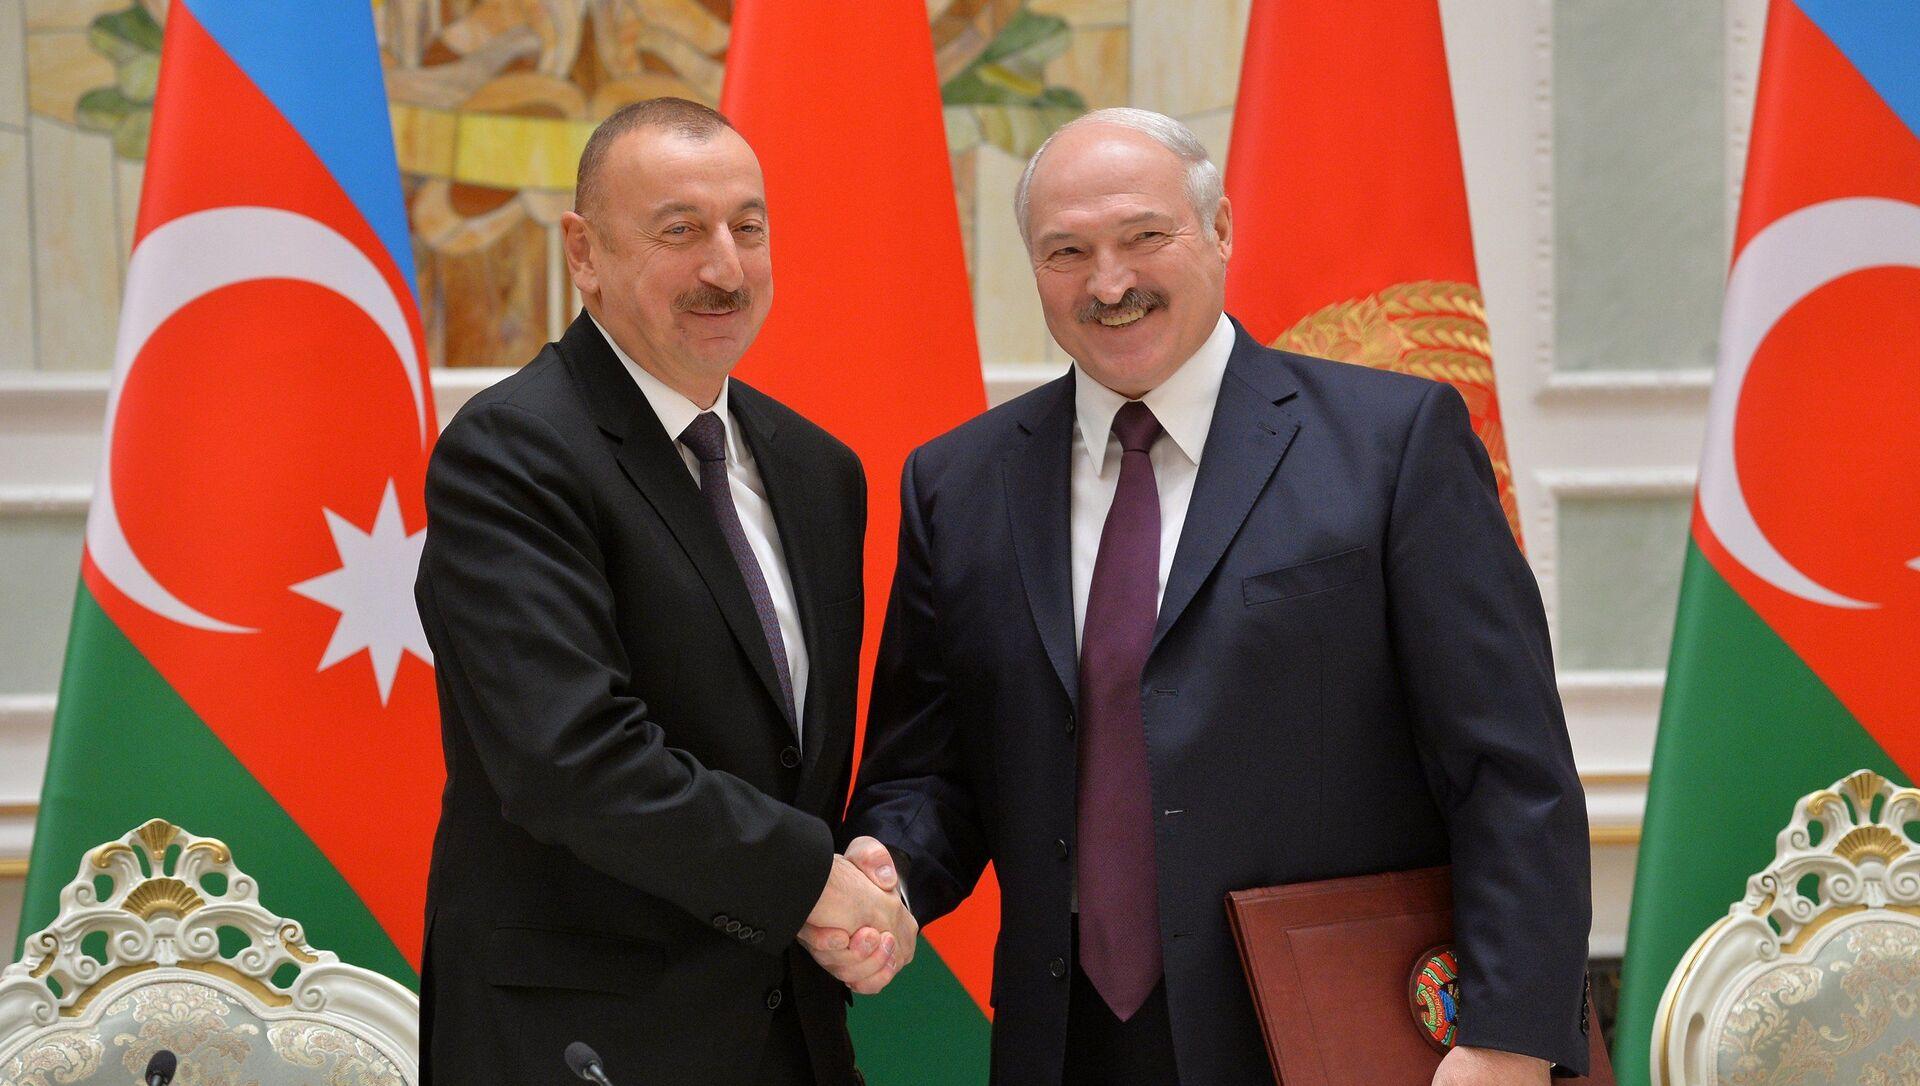 Аляксандр Лукашэнка і Ільхам Аліеў у Мінску - Sputnik Беларусь, 1920, 12.04.2021